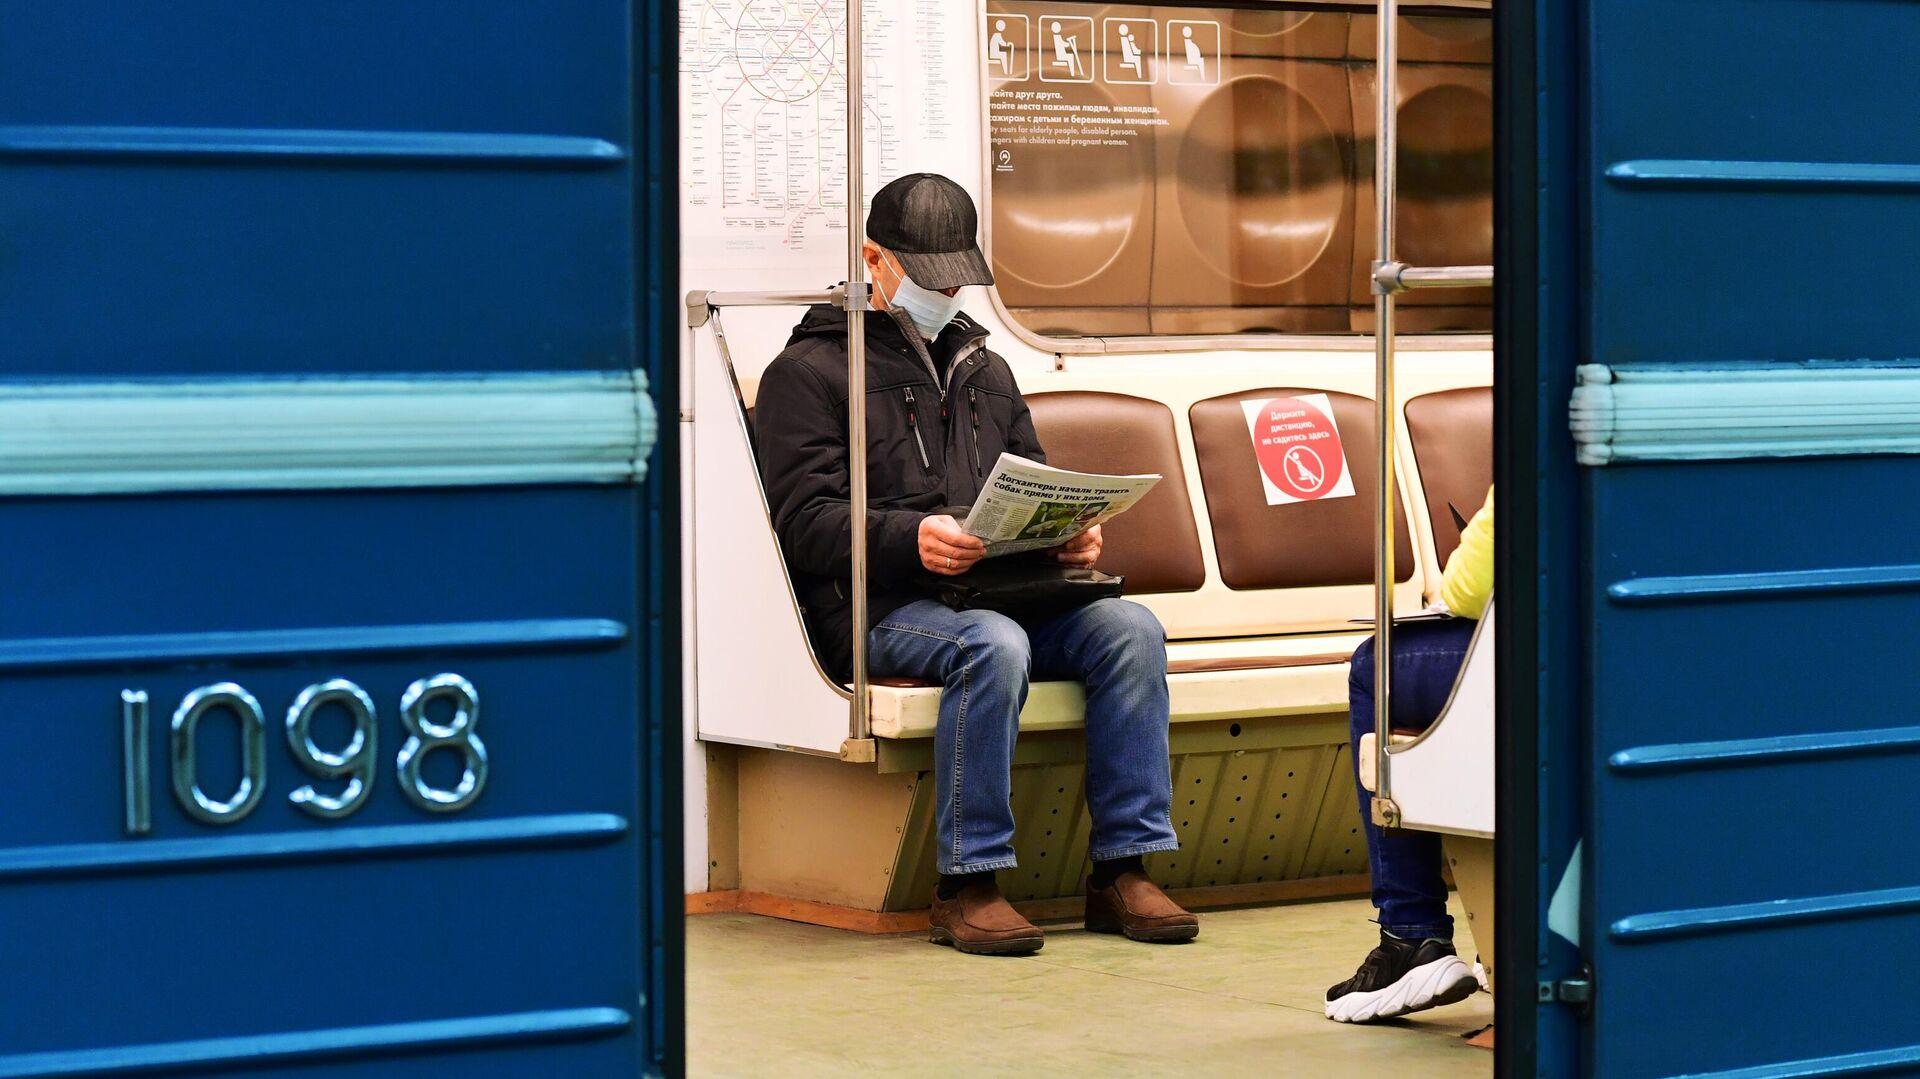 Пассажир в медицинской маске в вагоне поезда на станции метро Марьино Московского метрополитена - РИА Новости, 1920, 30.10.2020